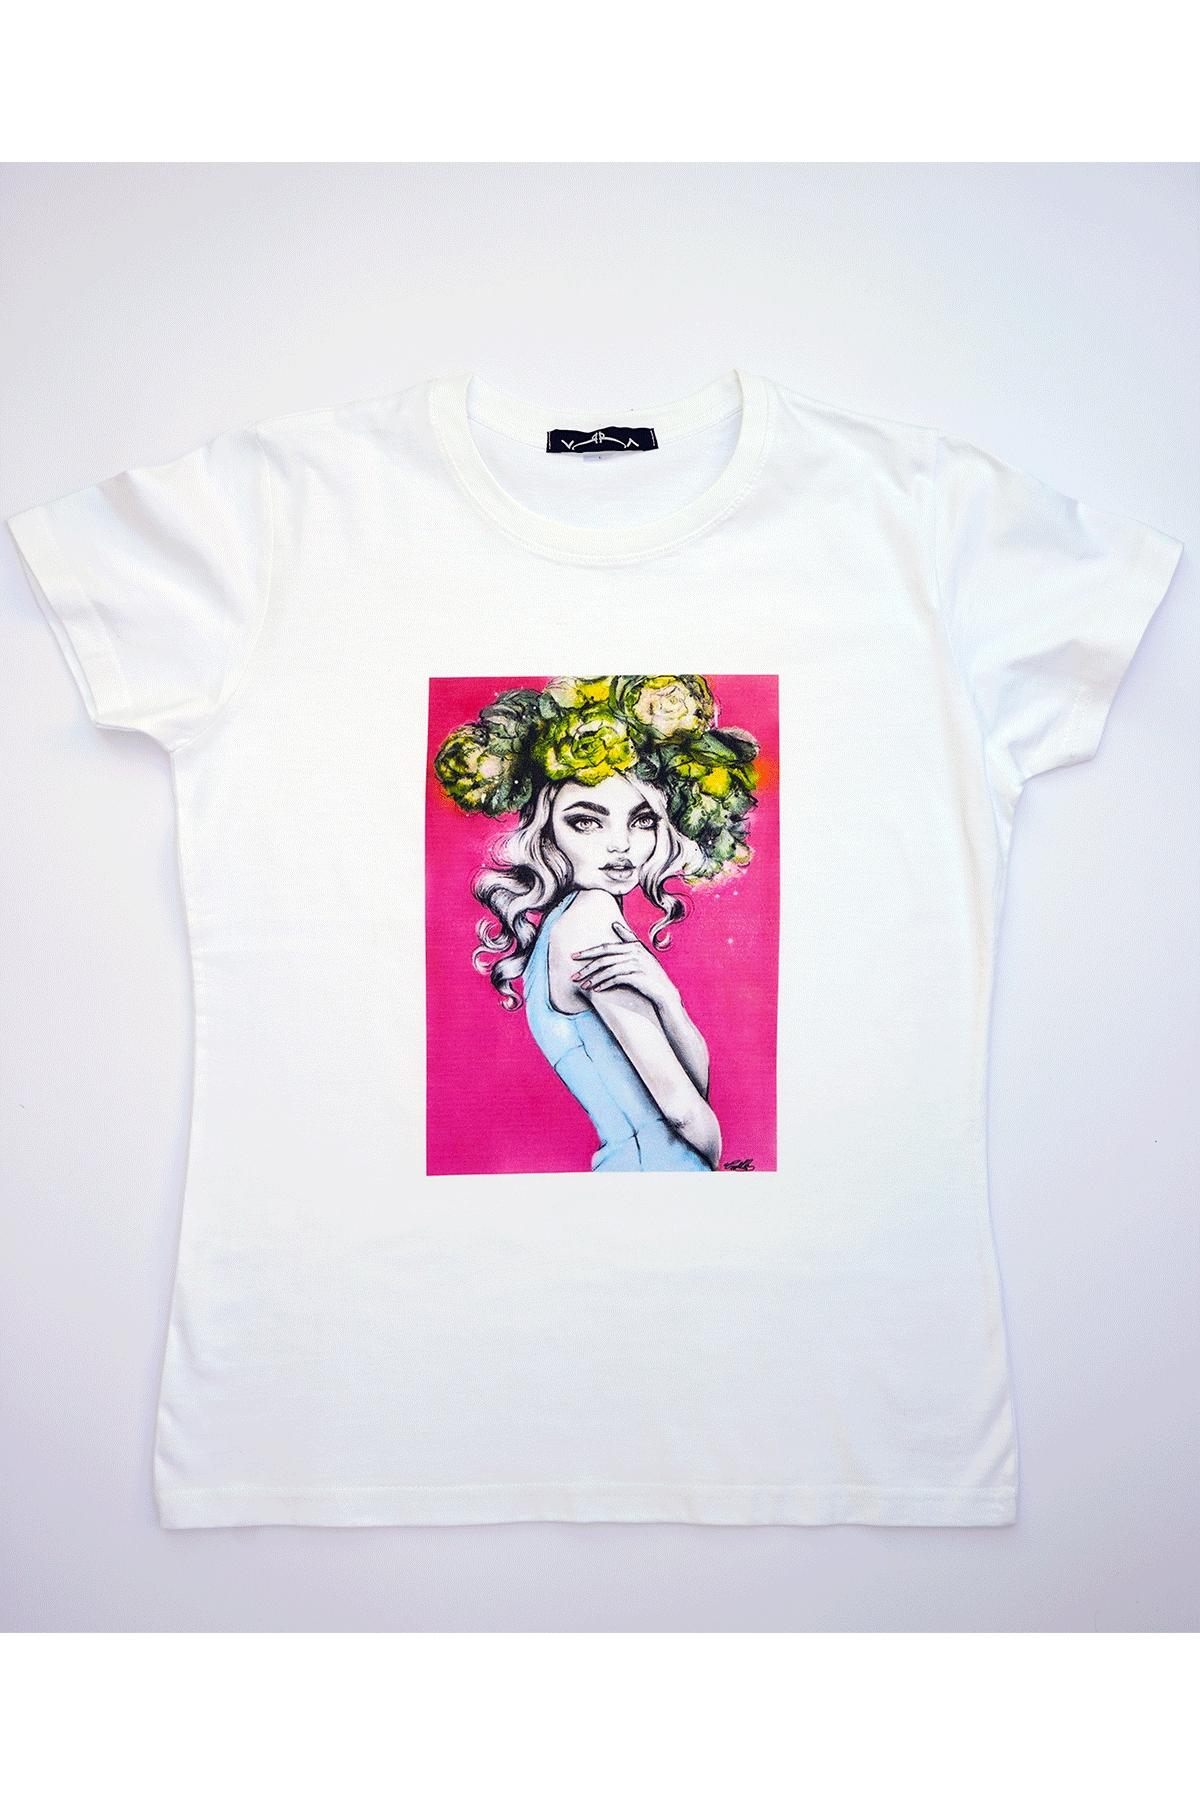 Бяла тениска Невинна красота / VЯRA за MUSE SHOP